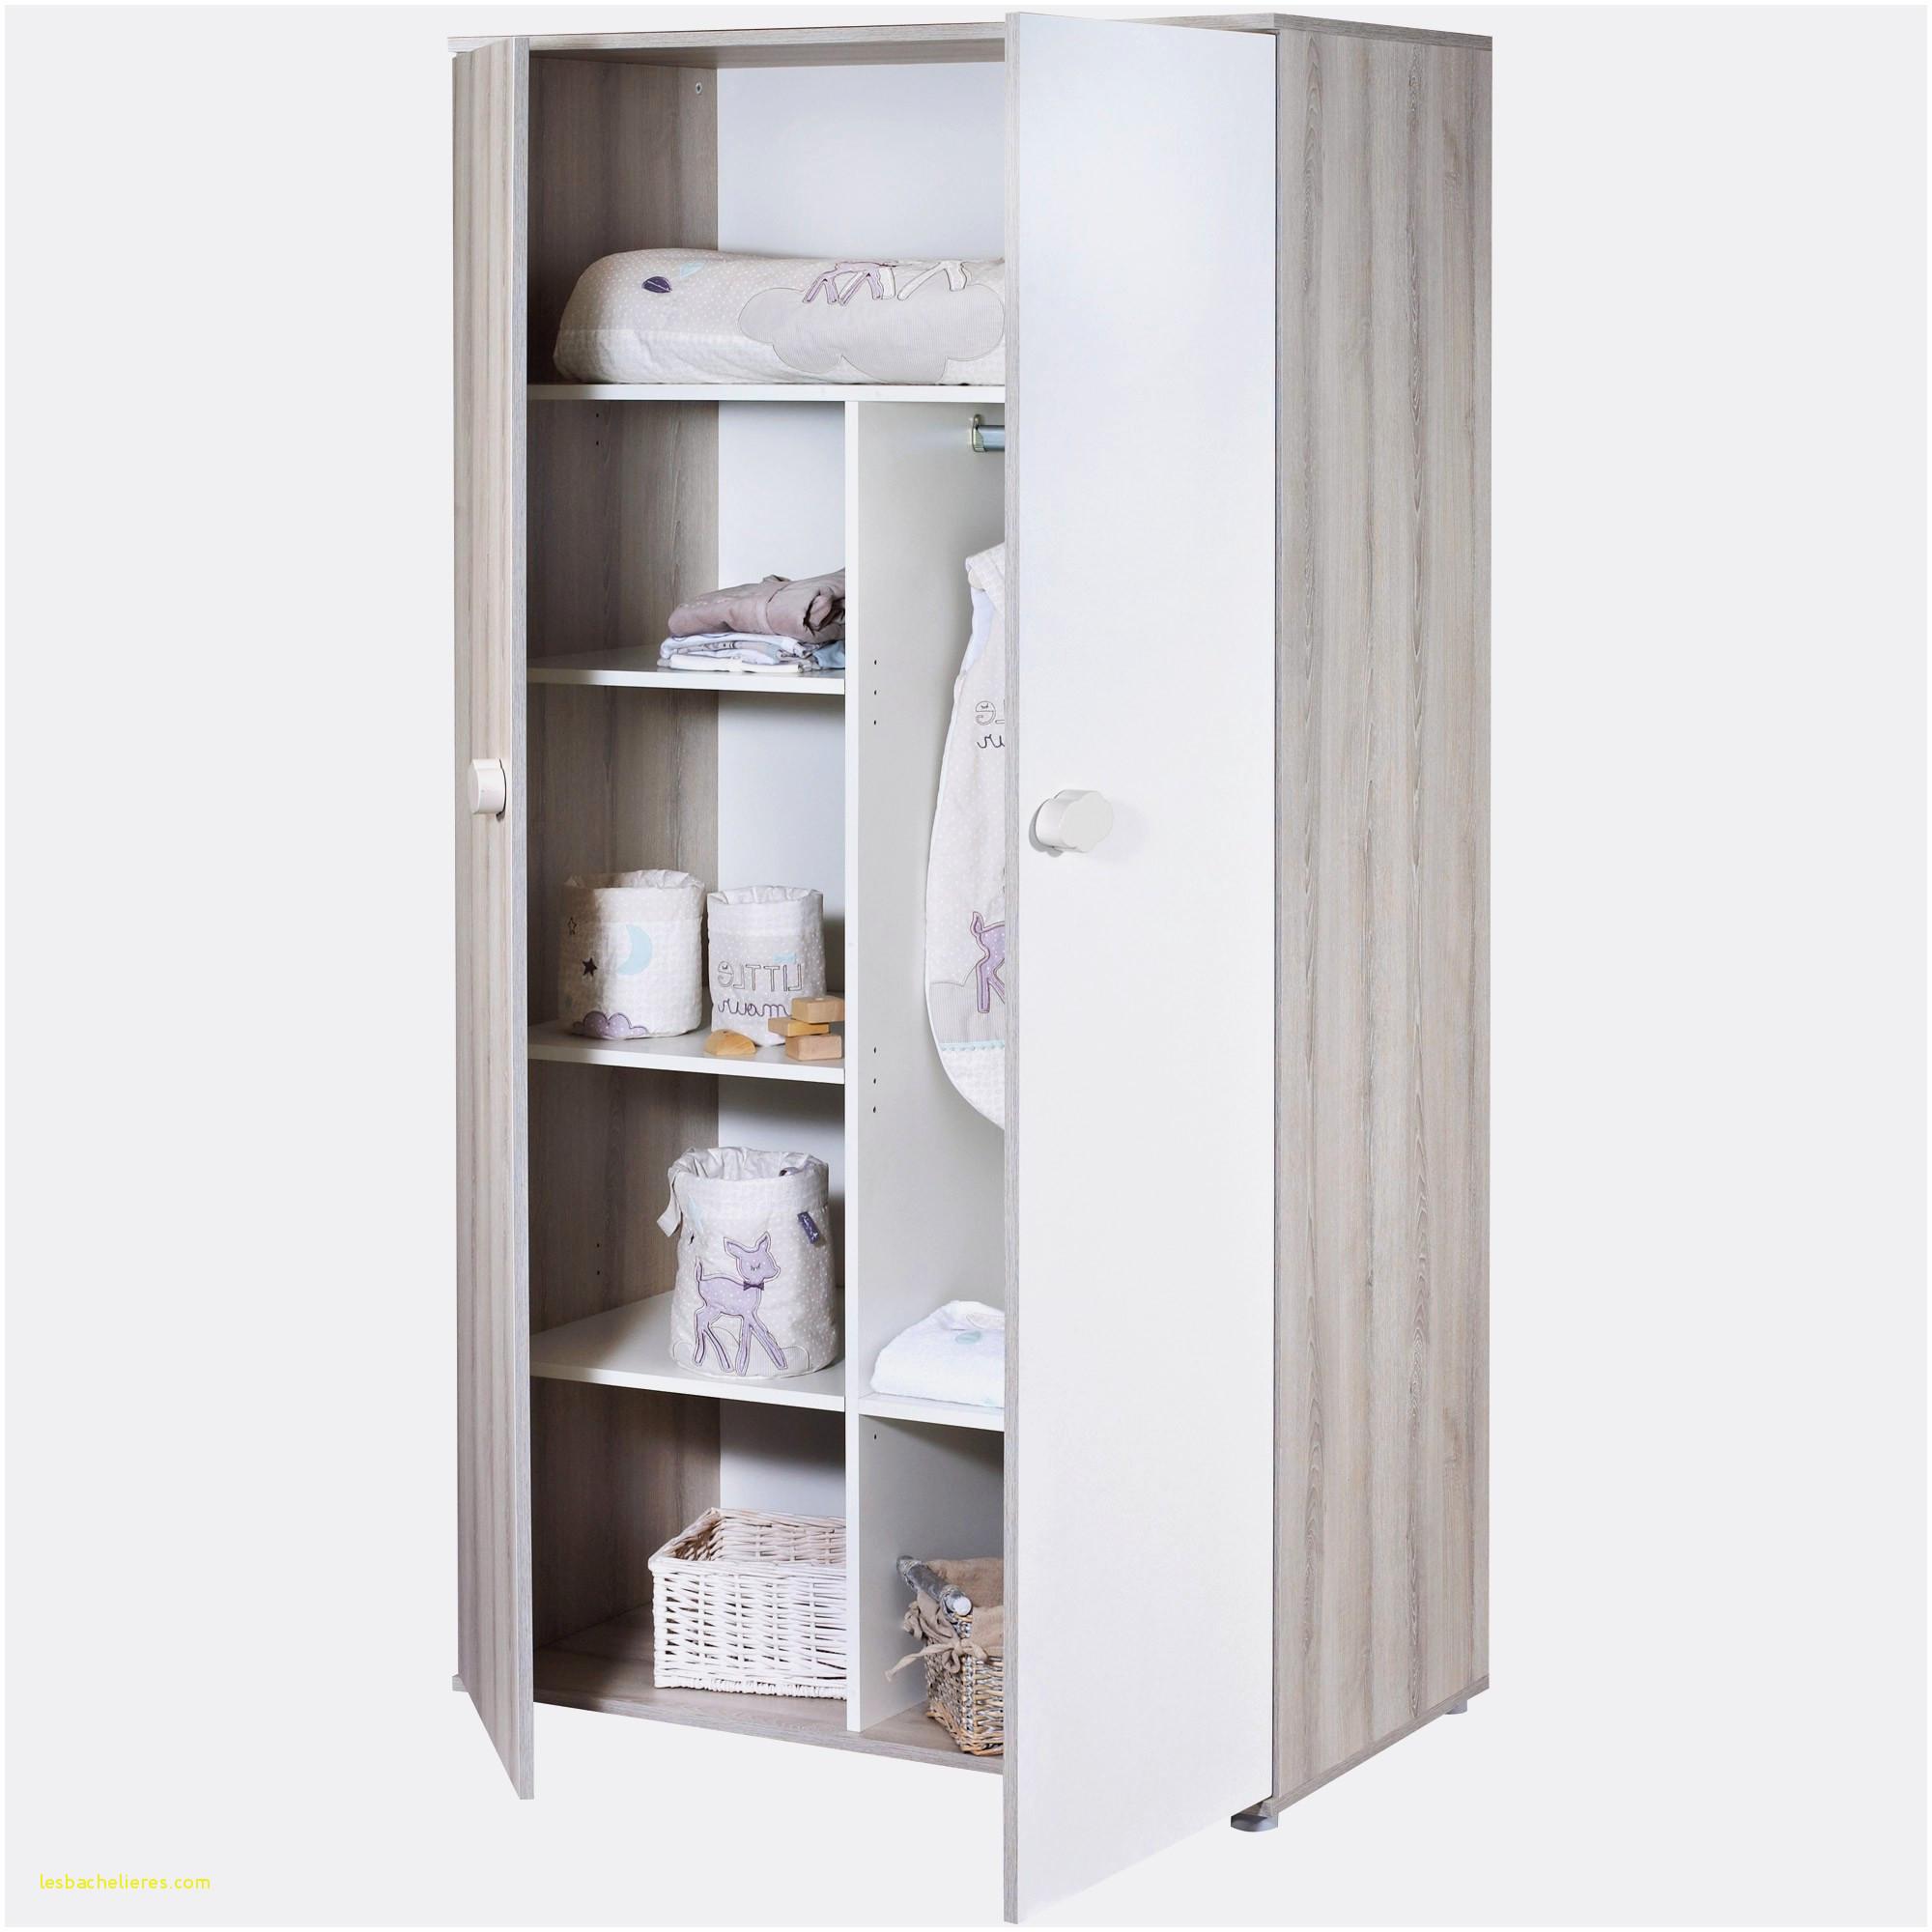 meuble rangement design 32 des idees meuble rangement vetement le plus important of meuble rangement design